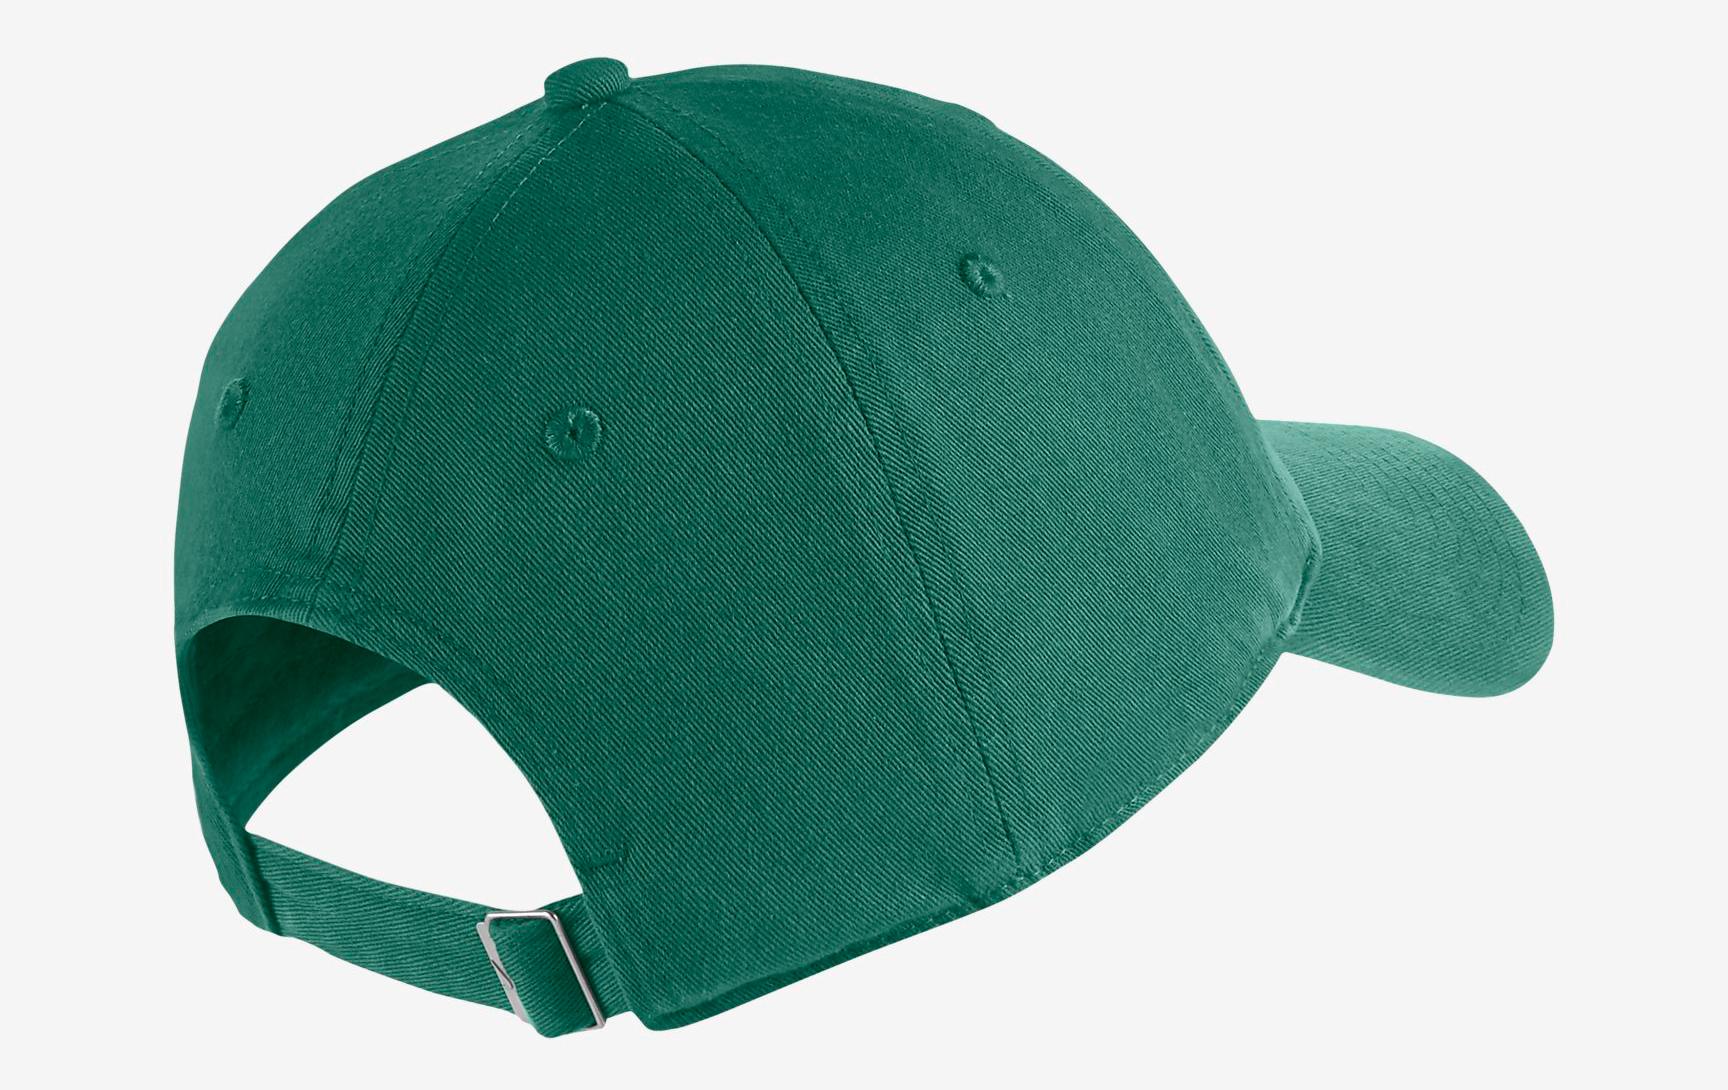 nike-air-max-93-watermelon-hat-match-2